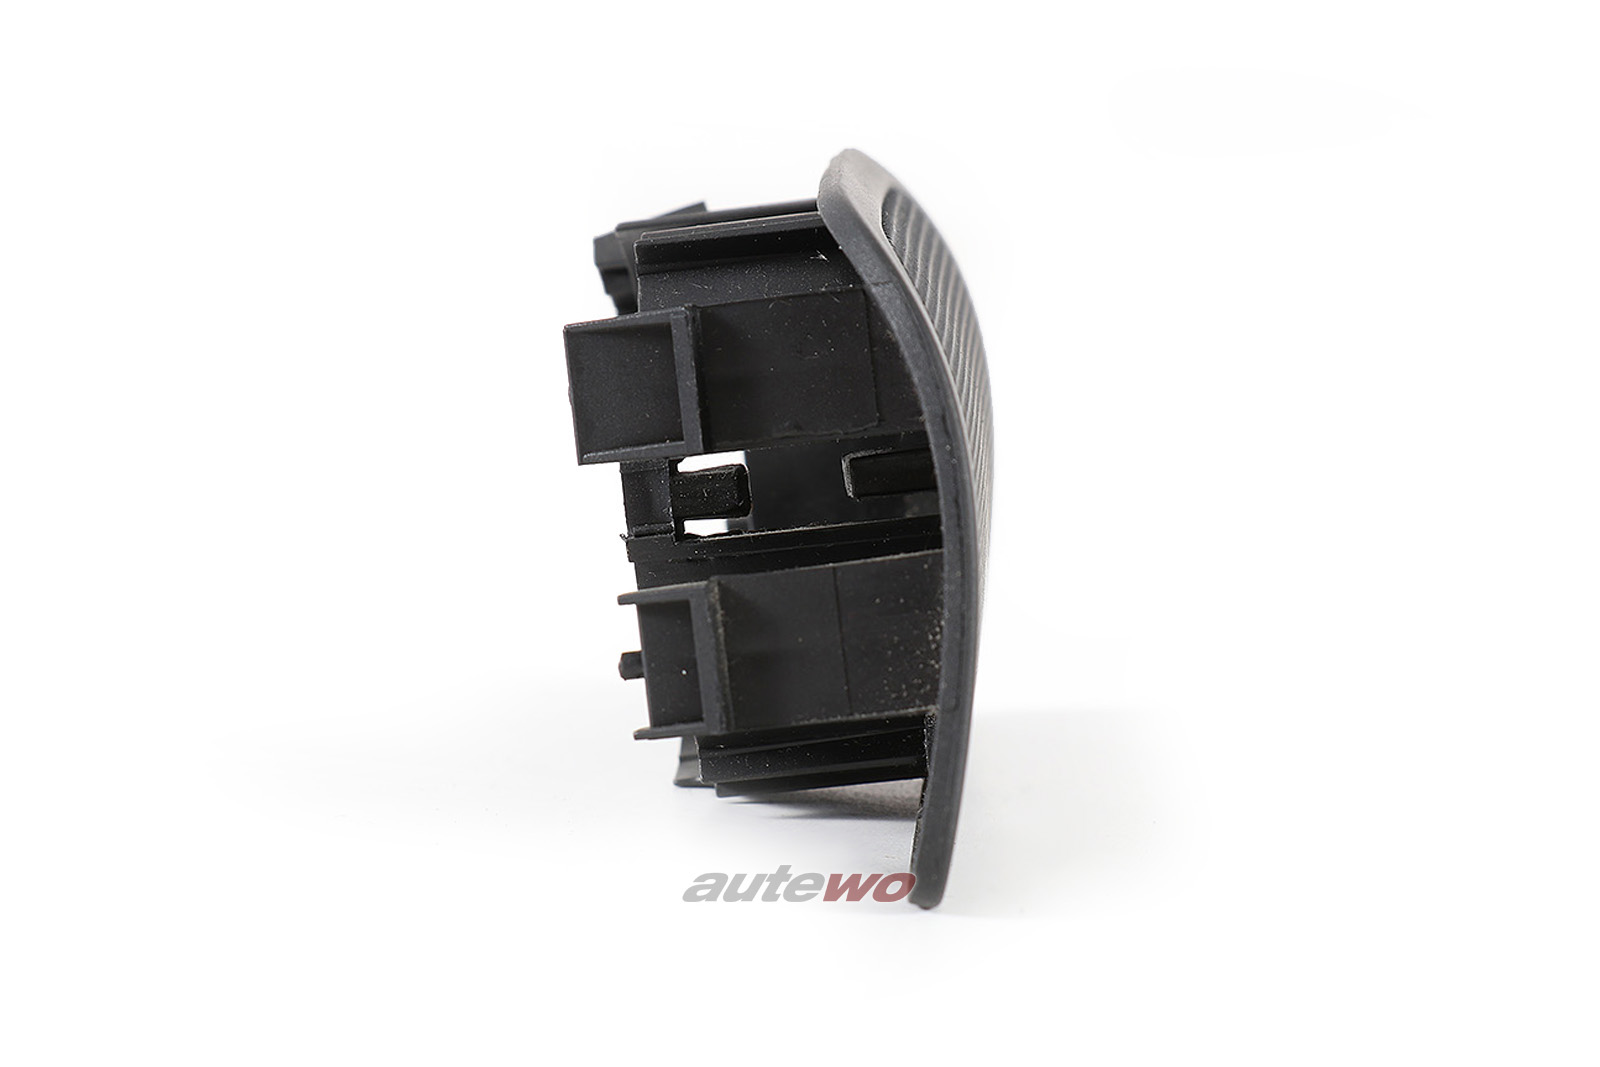 8E0035793 Audi A4/S4/RS4 8E/B6/B7 Hochton-Lautsprecherabdeckung Hinten Links